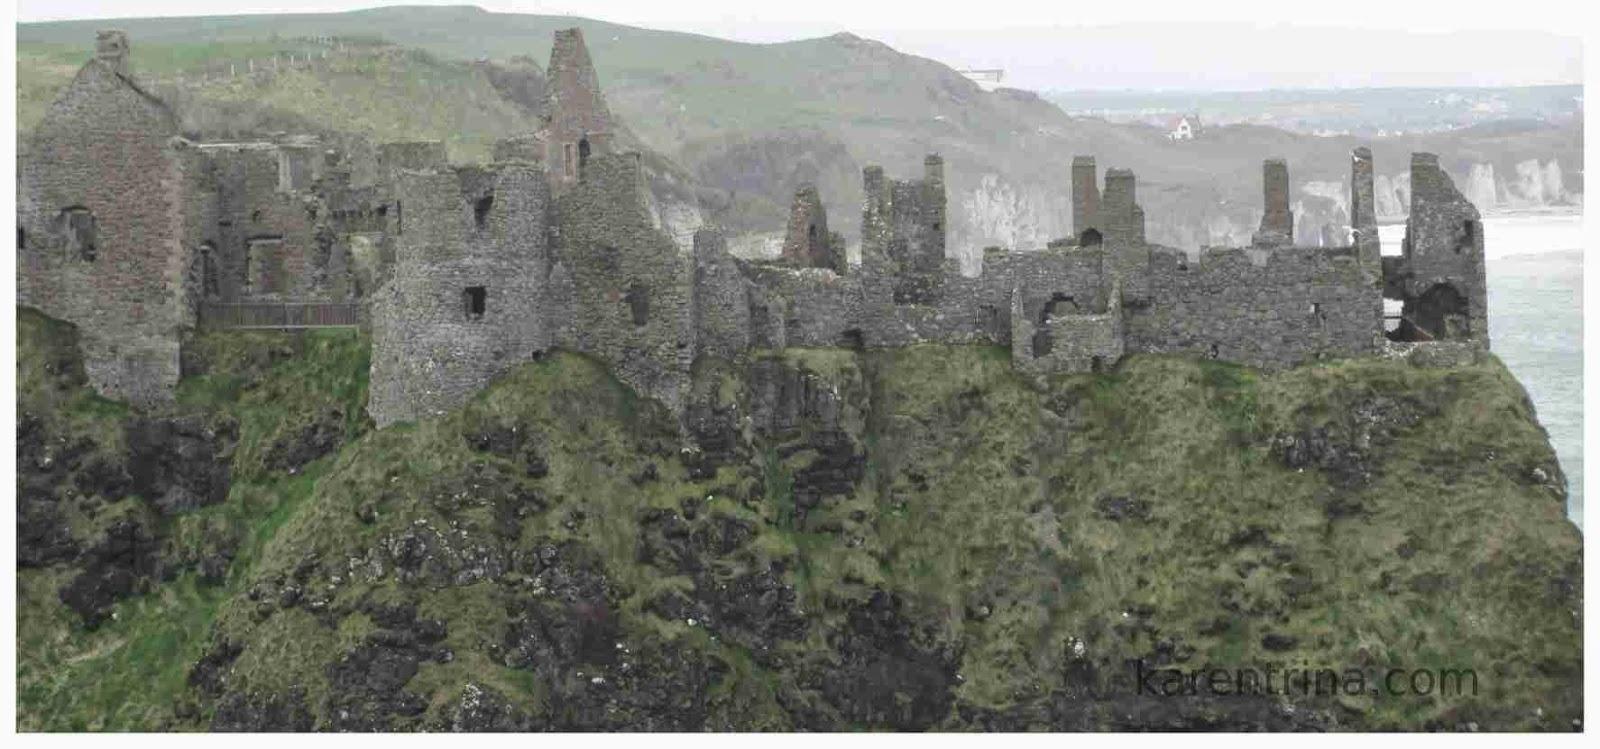 McDonnell Castle